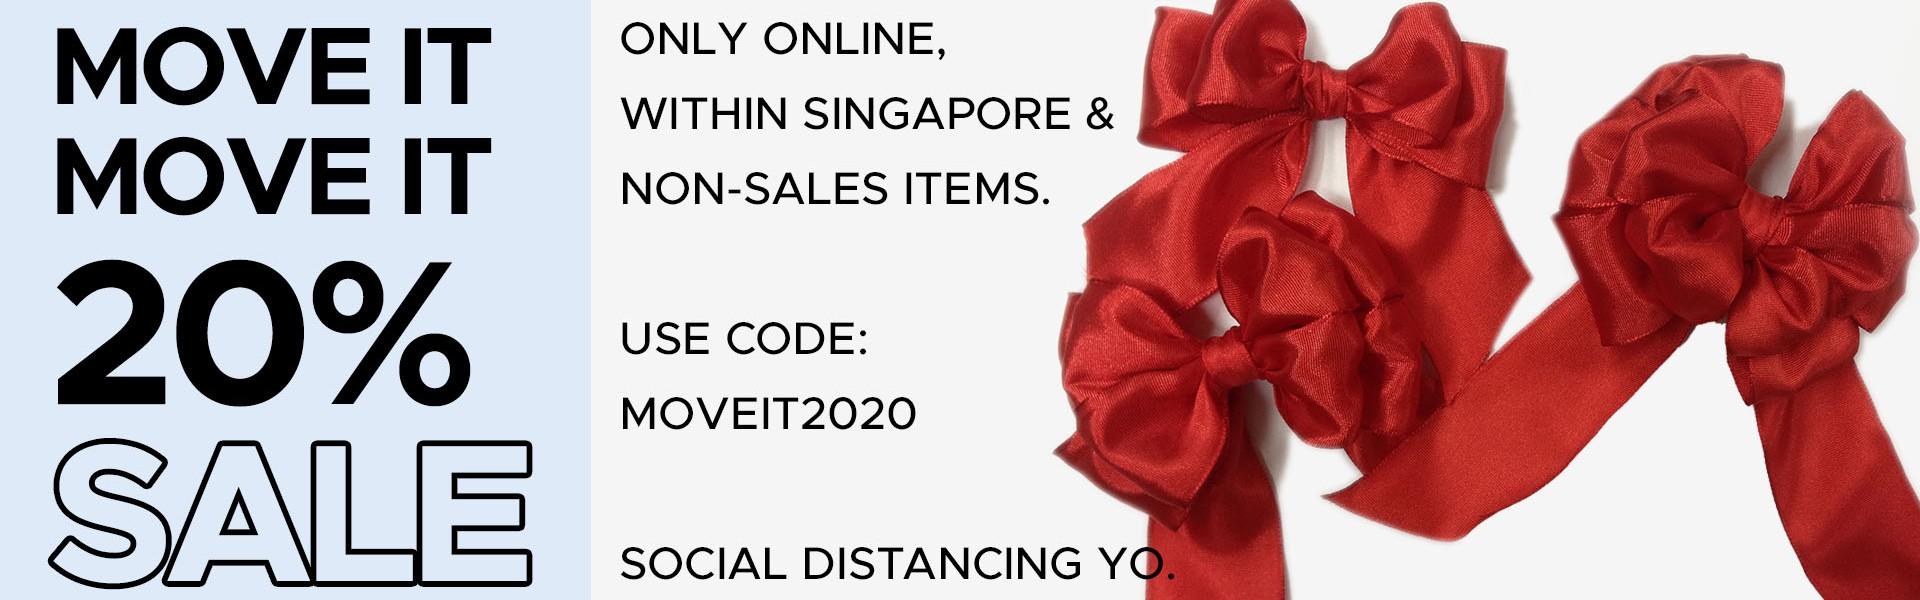 Move it move it 2020 - Discount